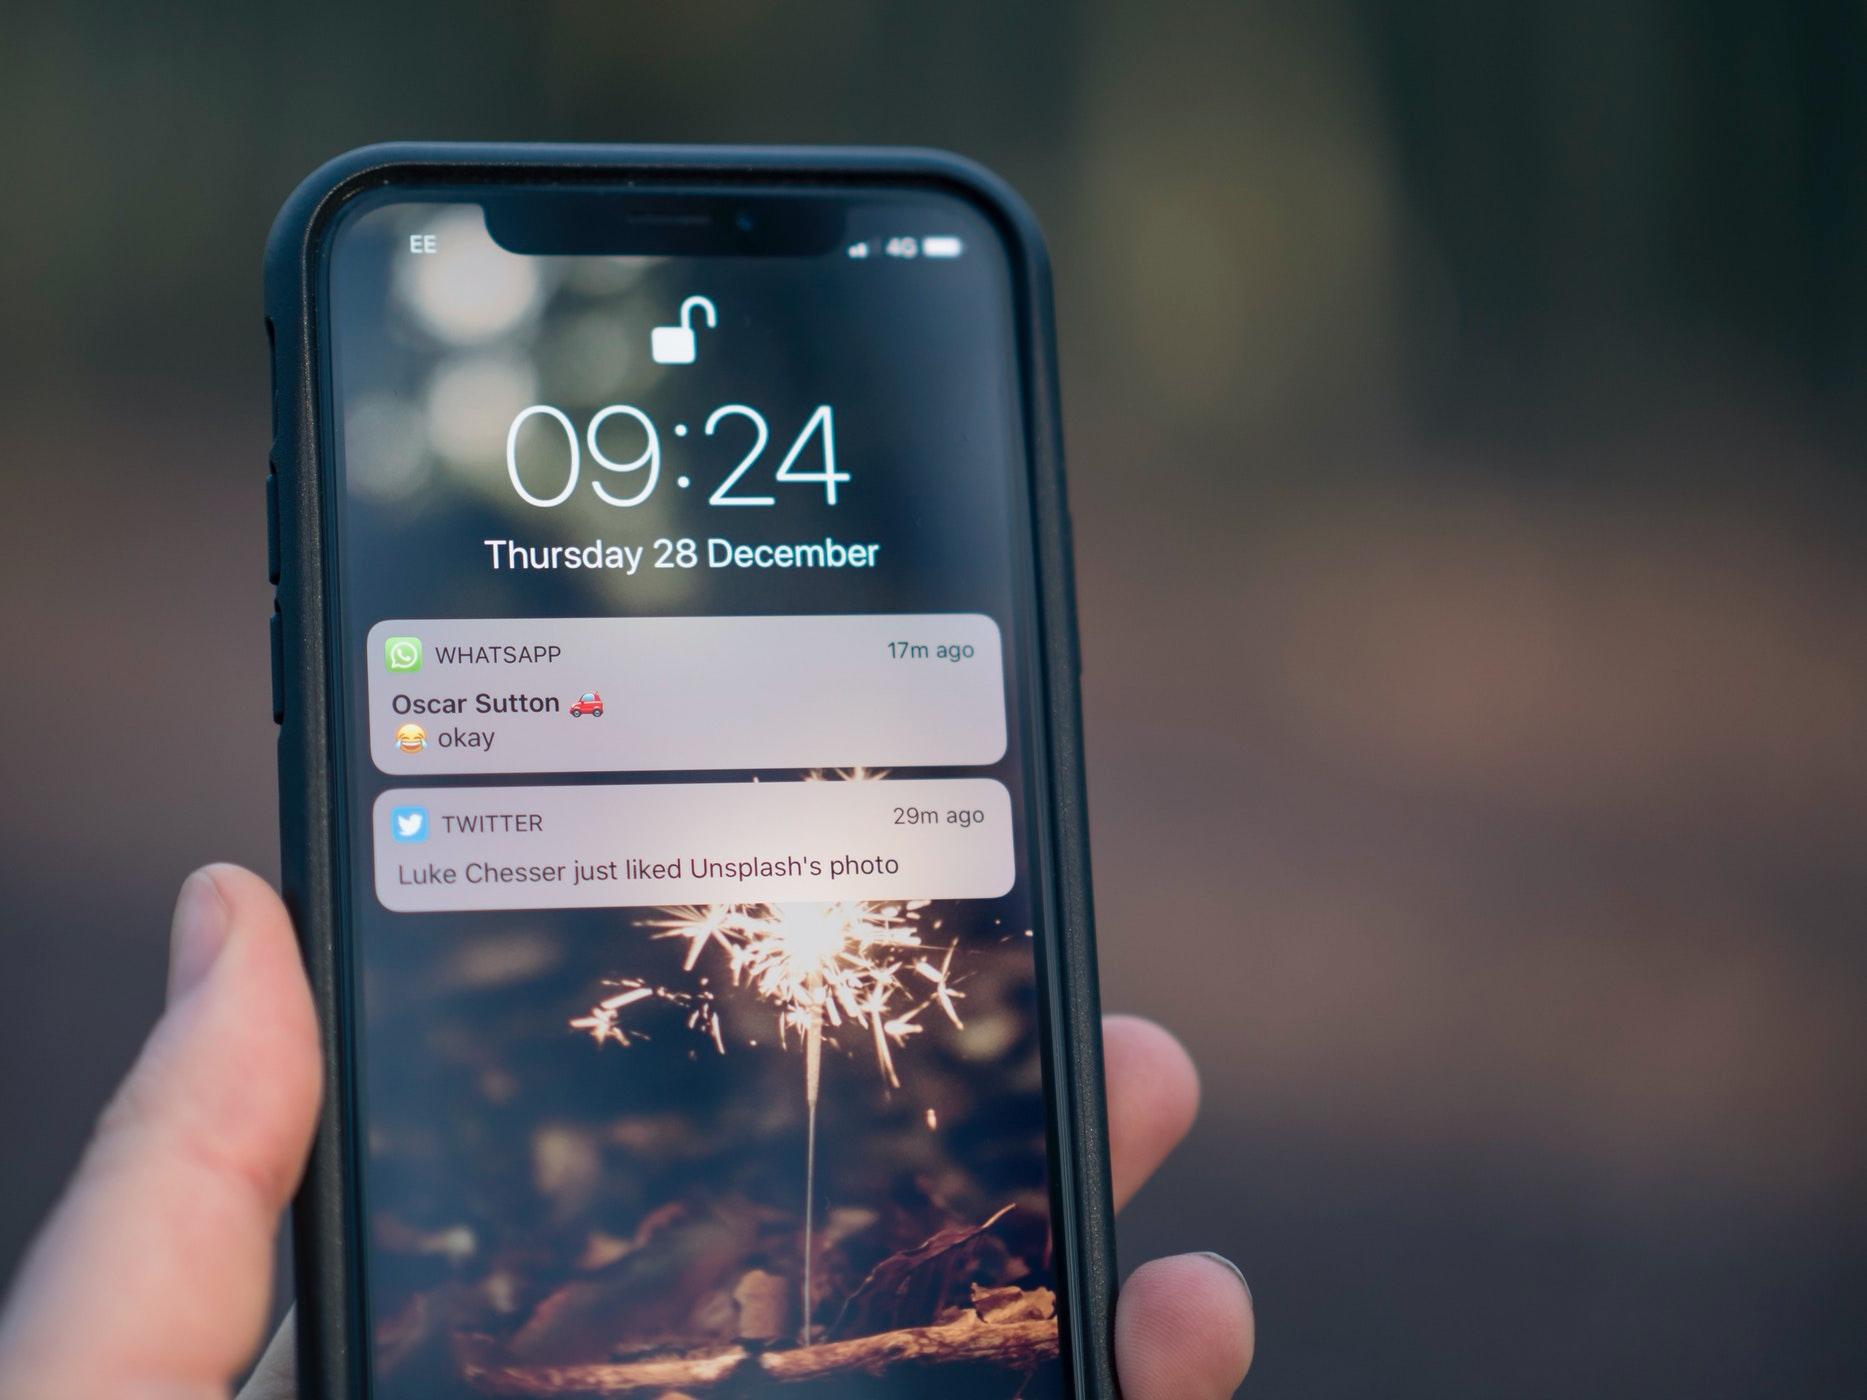 苹果自研5G调制解调器有望2022年问世,此前将采用高通版本-Ermain